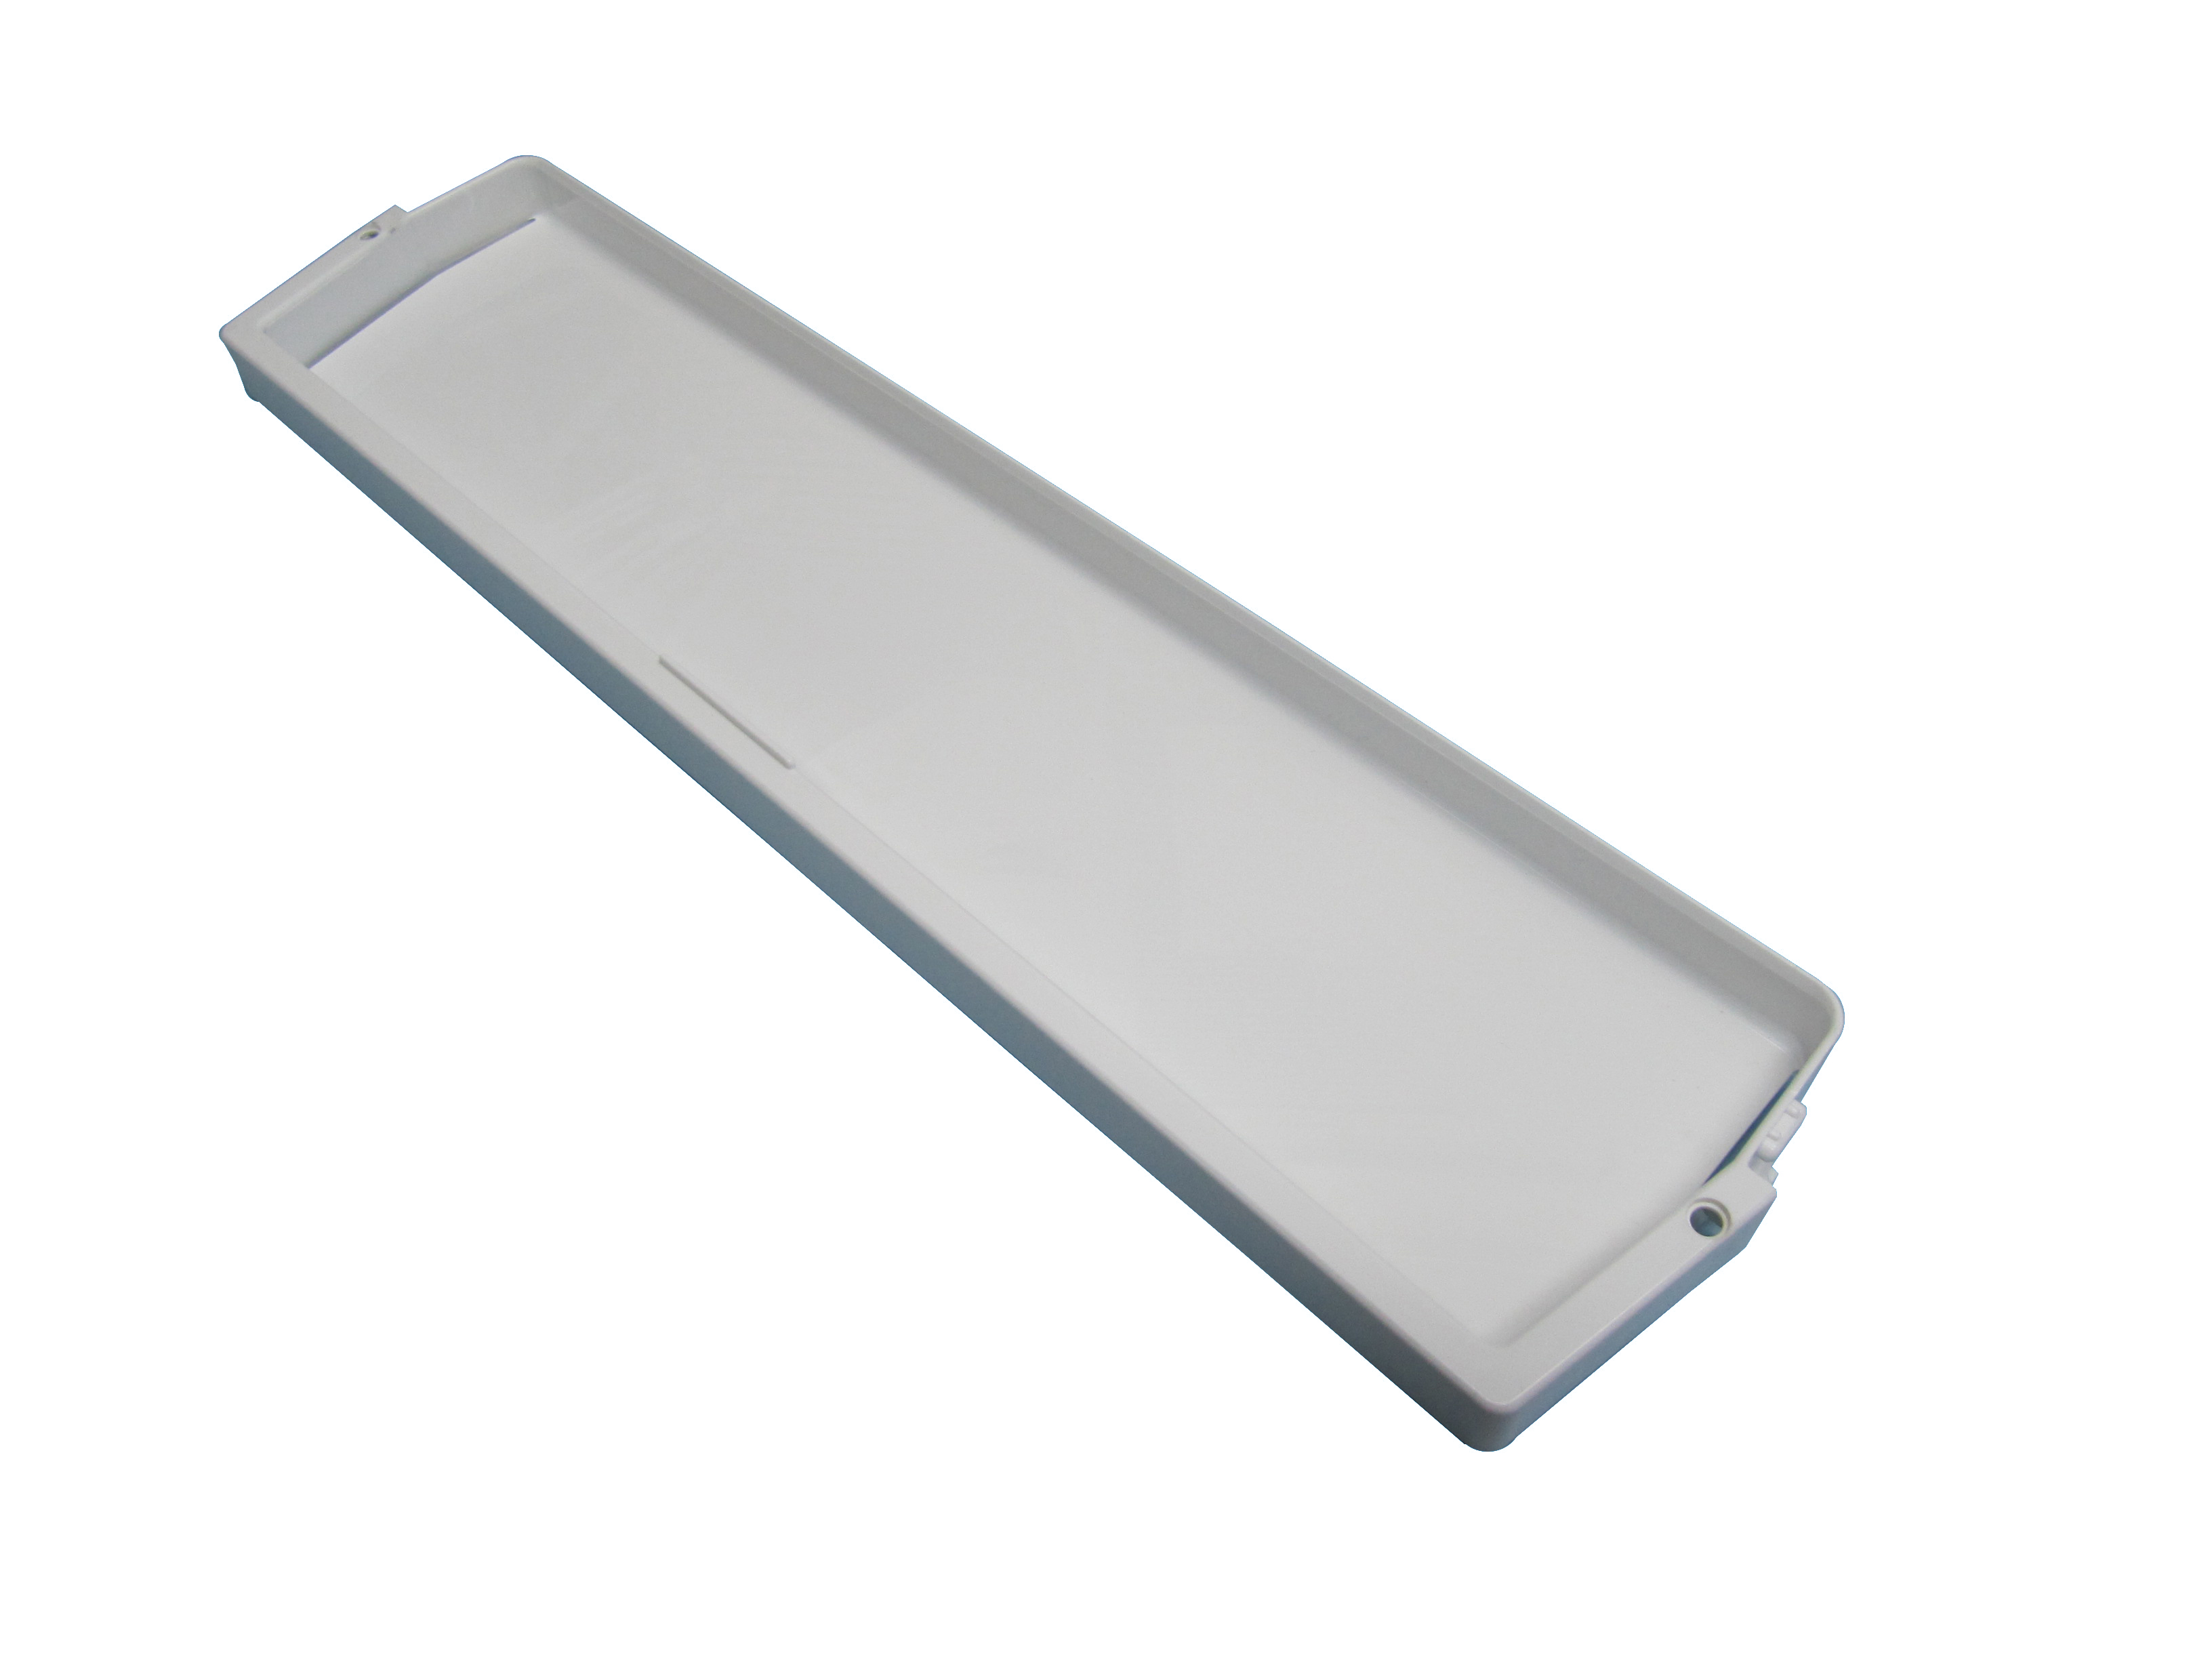 Flessenrek (2 cm hoog -wit- BOTERBAK) koelkast 9030079